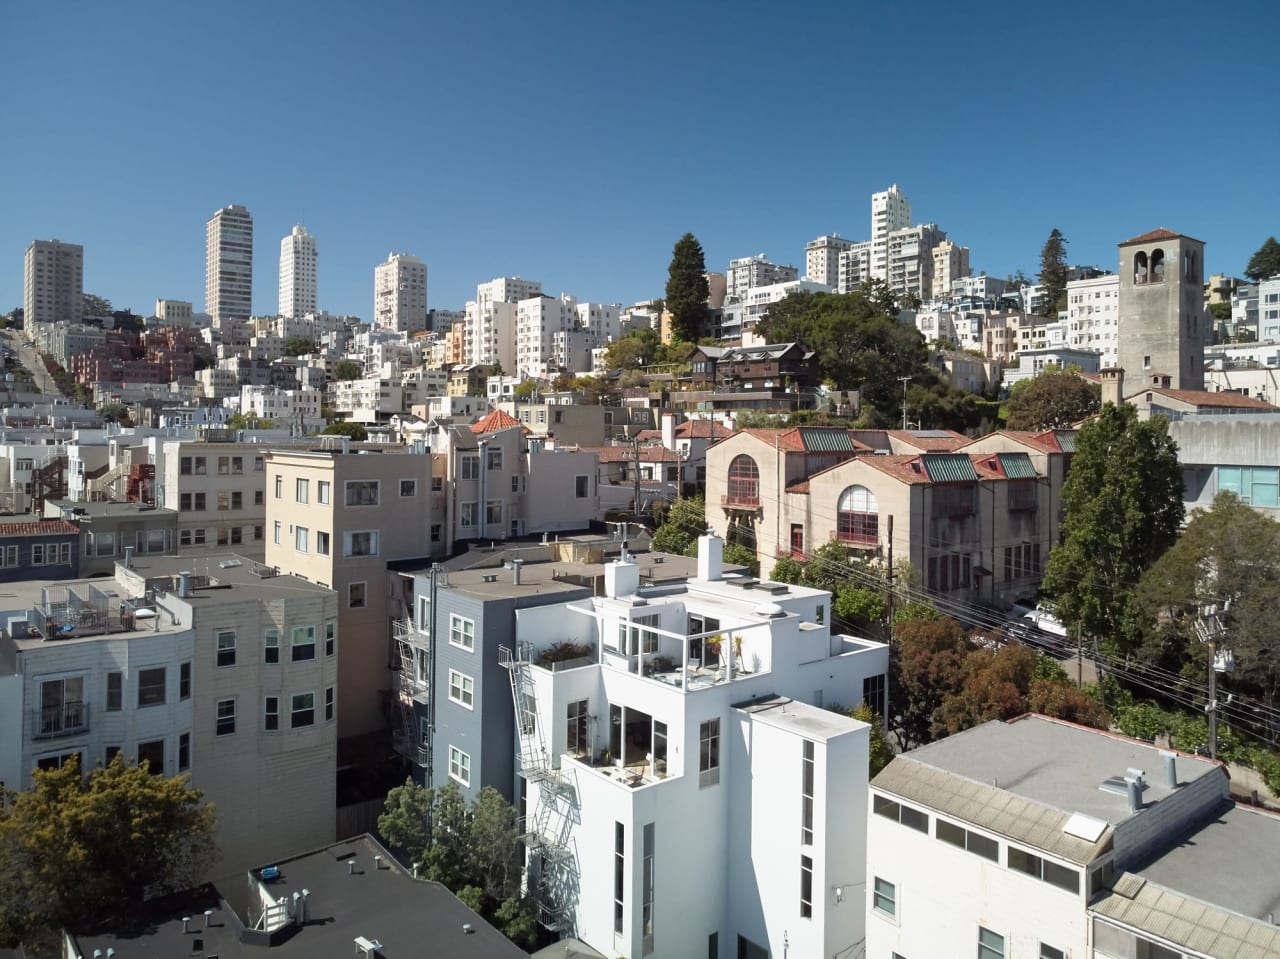 San Francisco July